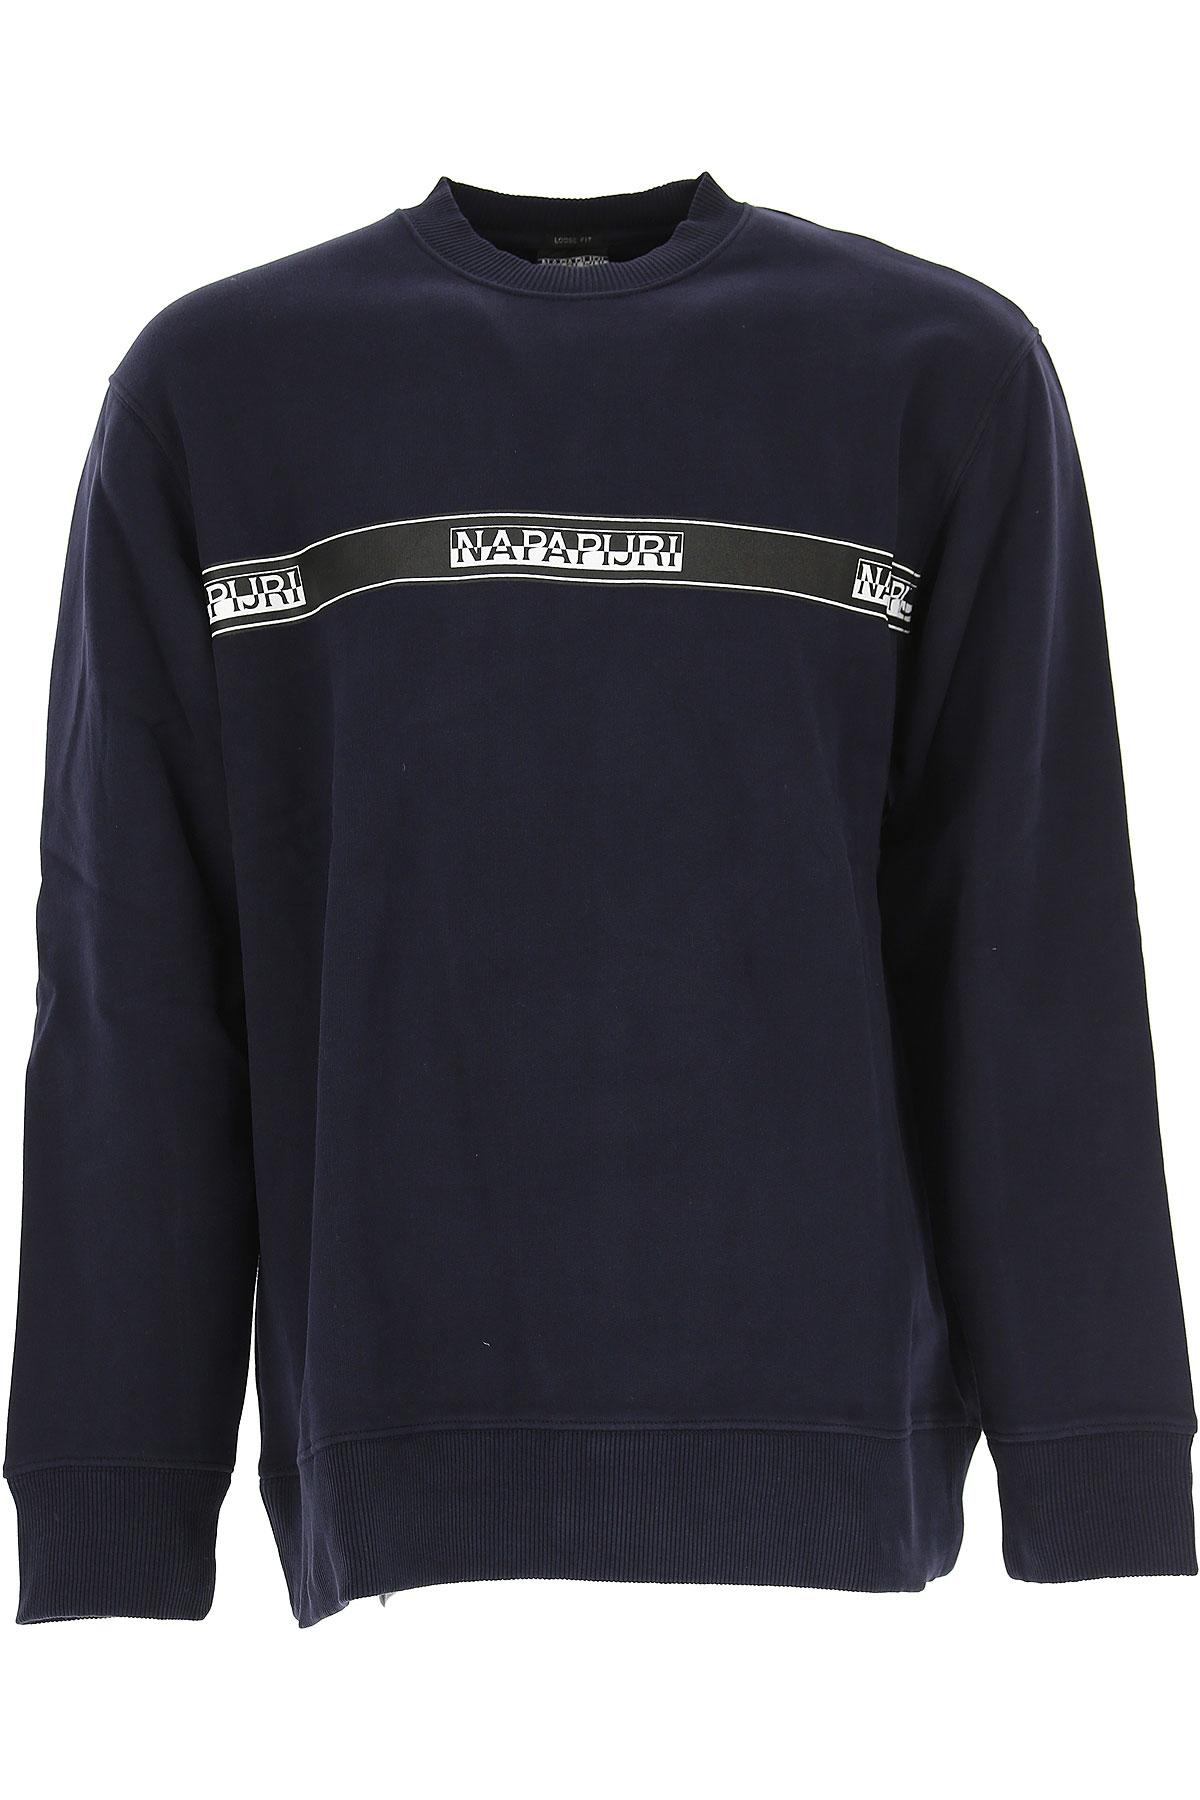 Image of Napapijri Sweatshirt for Men, Blue, Cotton, 2017, L M S XL